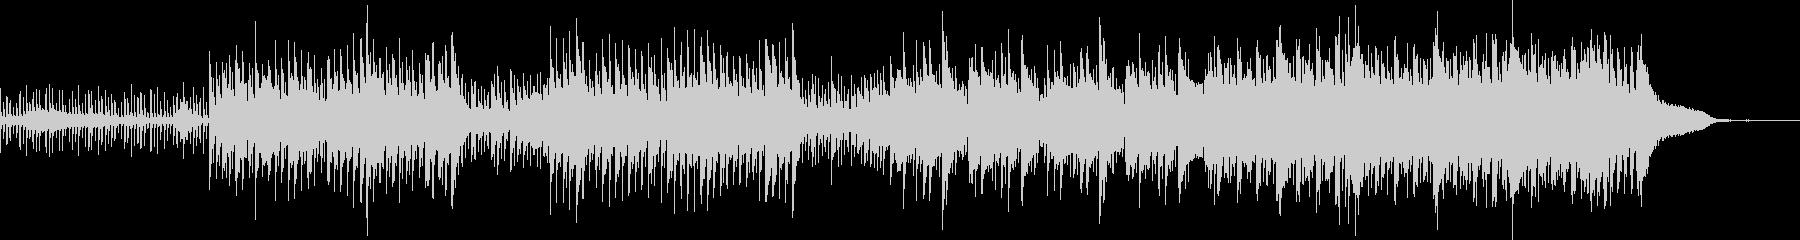 モヤモヤタイム変態系構成力パーカッションの未再生の波形